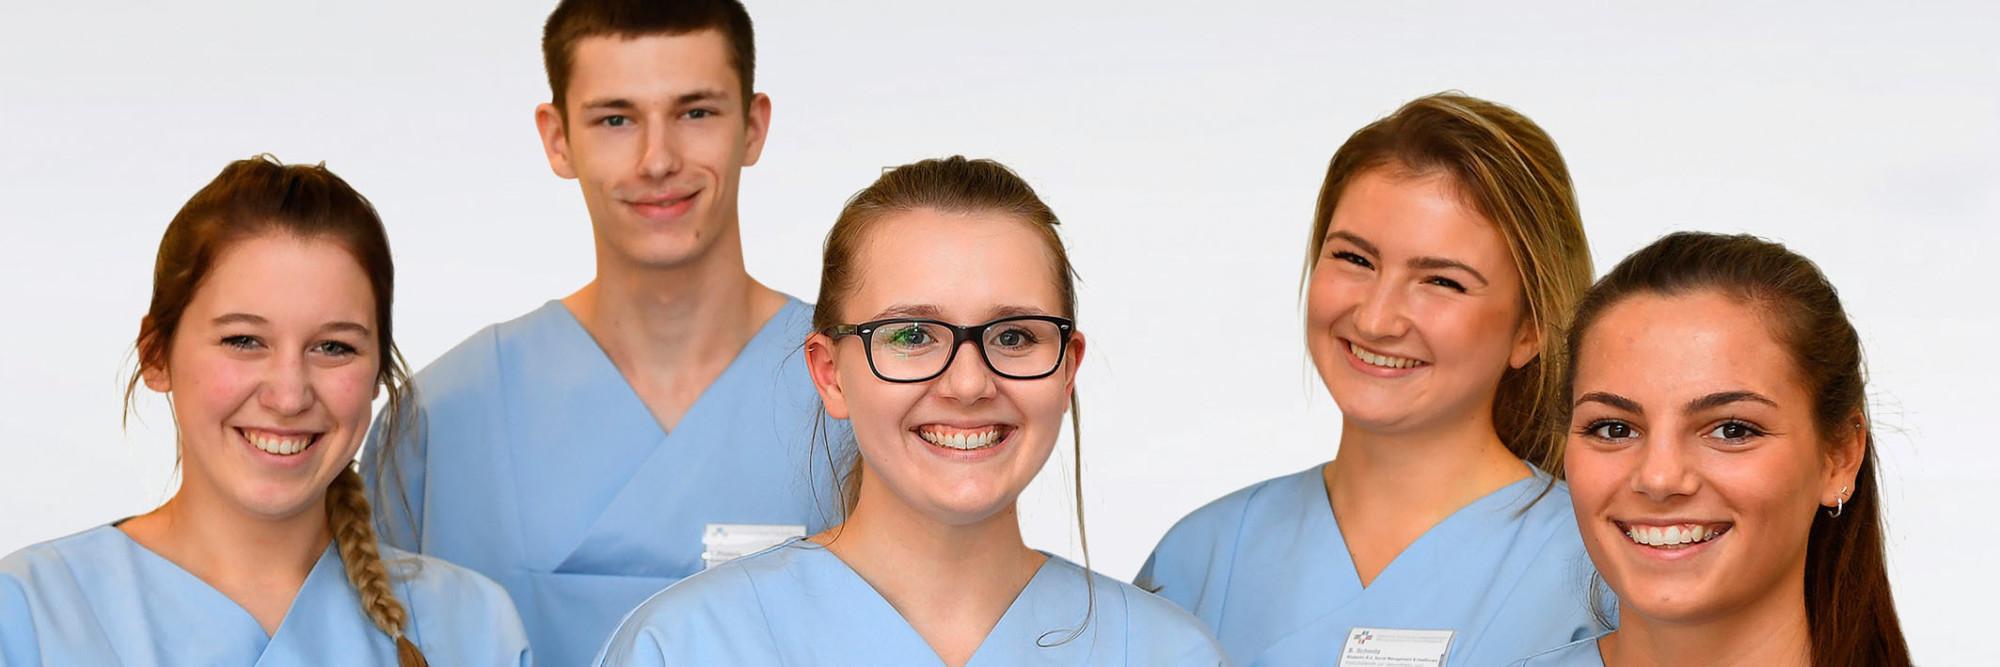 Fünf Schulerinnen und Schüler der Bildungsakademie lächeln in die Kamera.